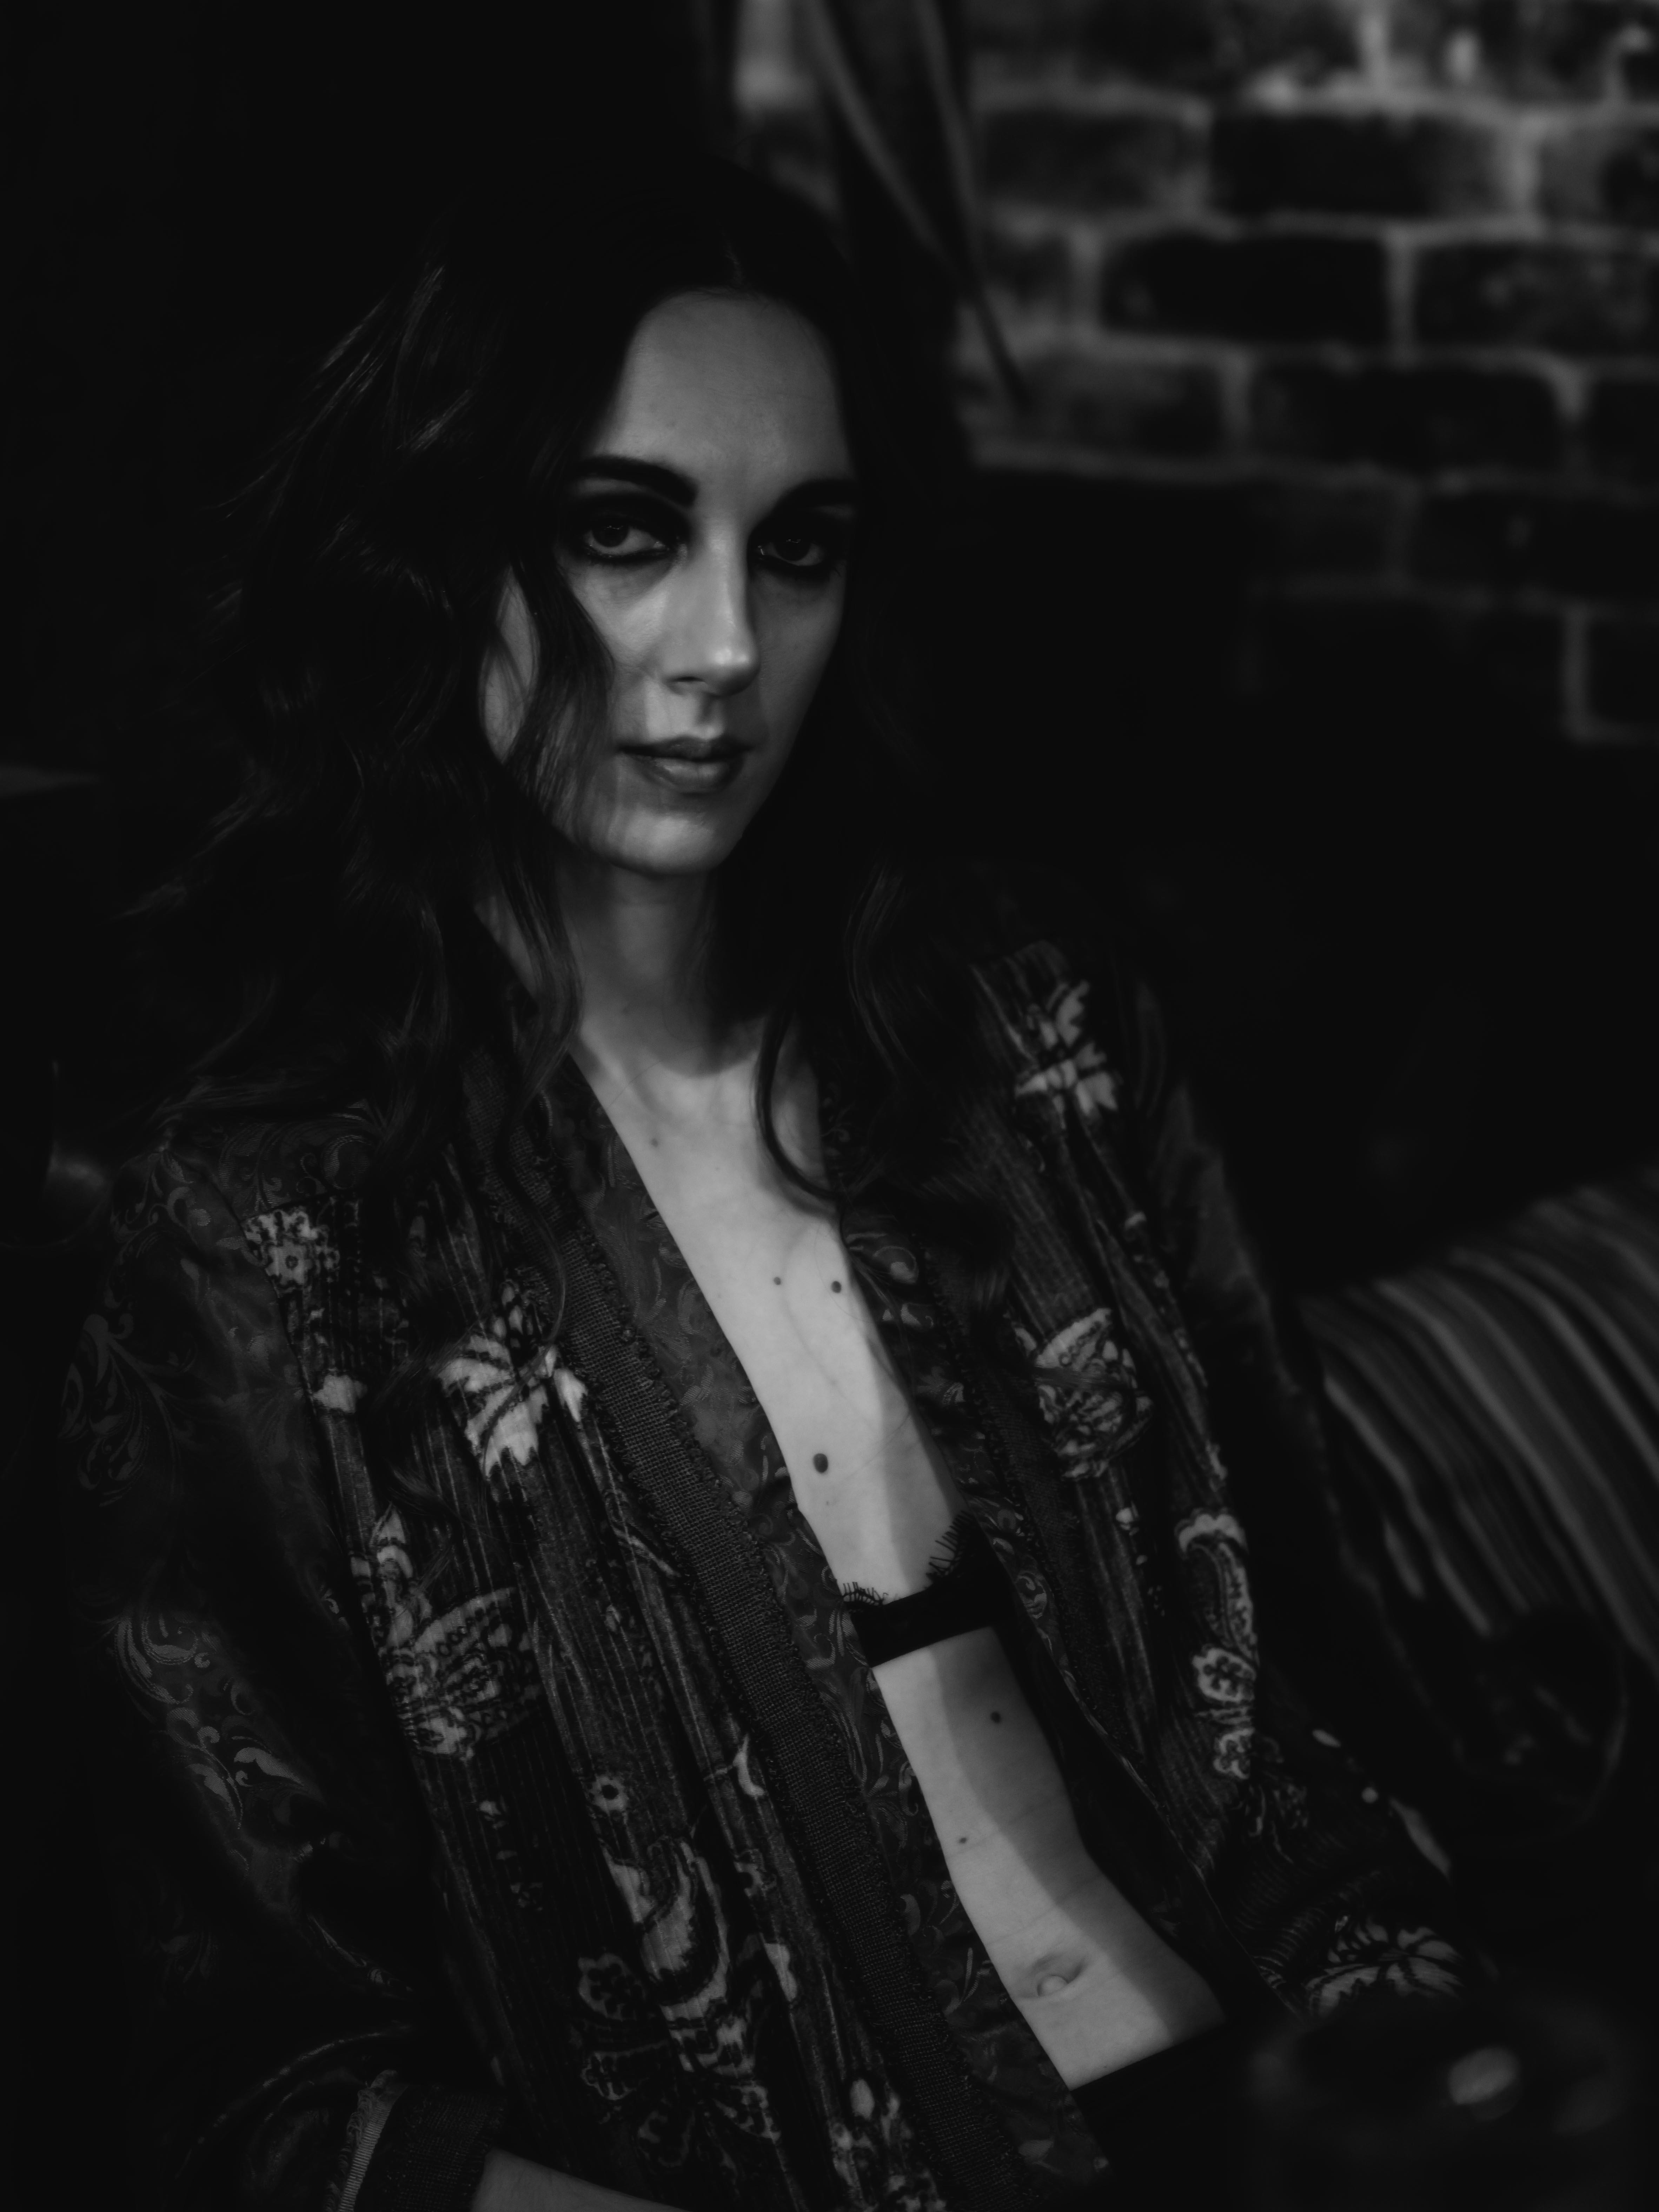 Фотограф Мария Цуман, модель Татьяна Койчева специально для garterblog.ru